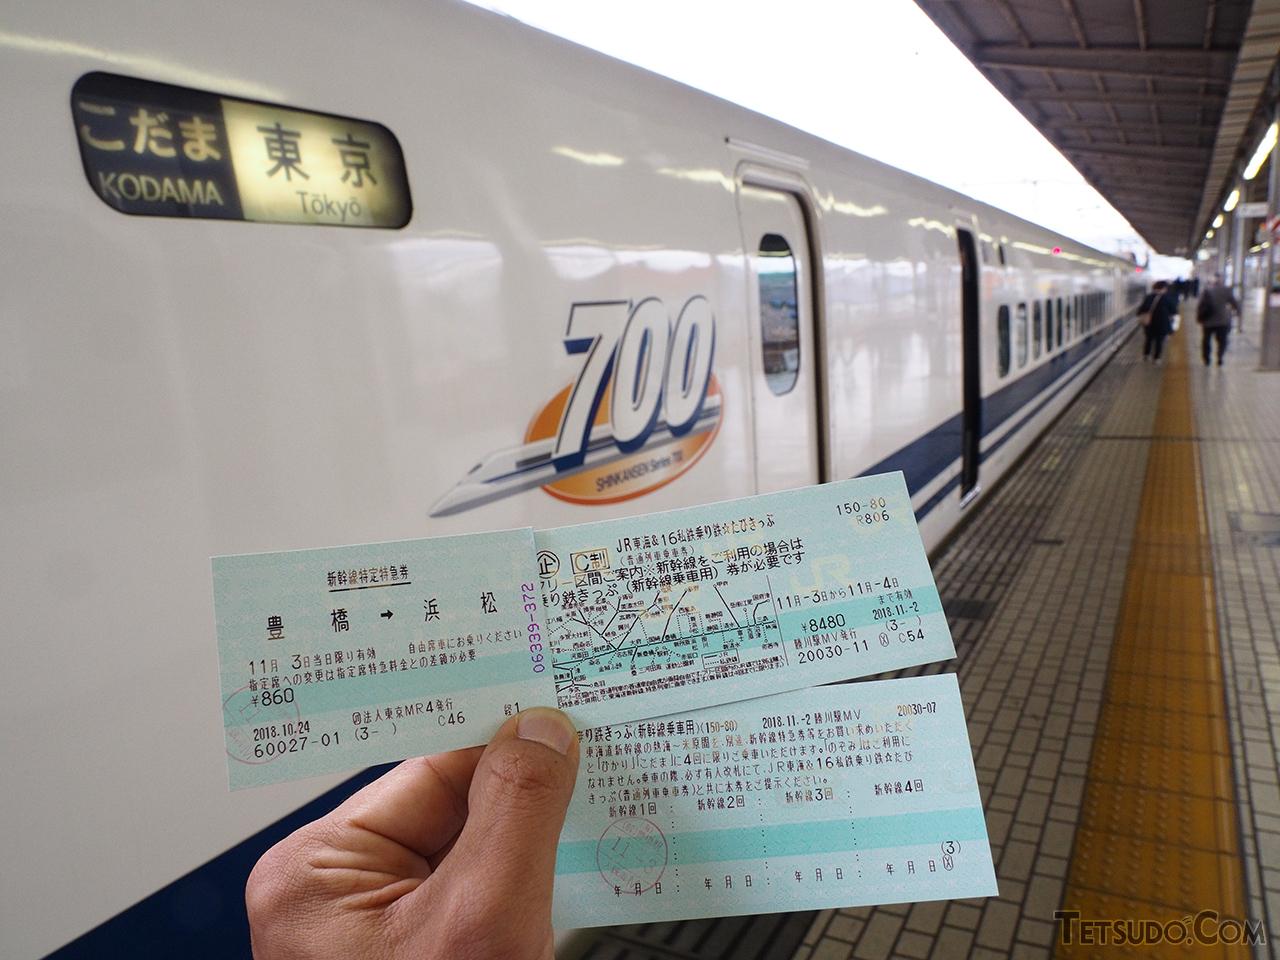 お得なきっぷを使って、昔ながらの各駅停車の旅を楽しめた700系「こだま」。写真はJR東海全線と16の私鉄・第三セクターに2日間乗り放題となる「JR東海&16私鉄 乗り鉄☆たびきっぷ」。特急券を購入すれば「ひかり」「こだま」にも乗車できる。4月からは料金が変わる